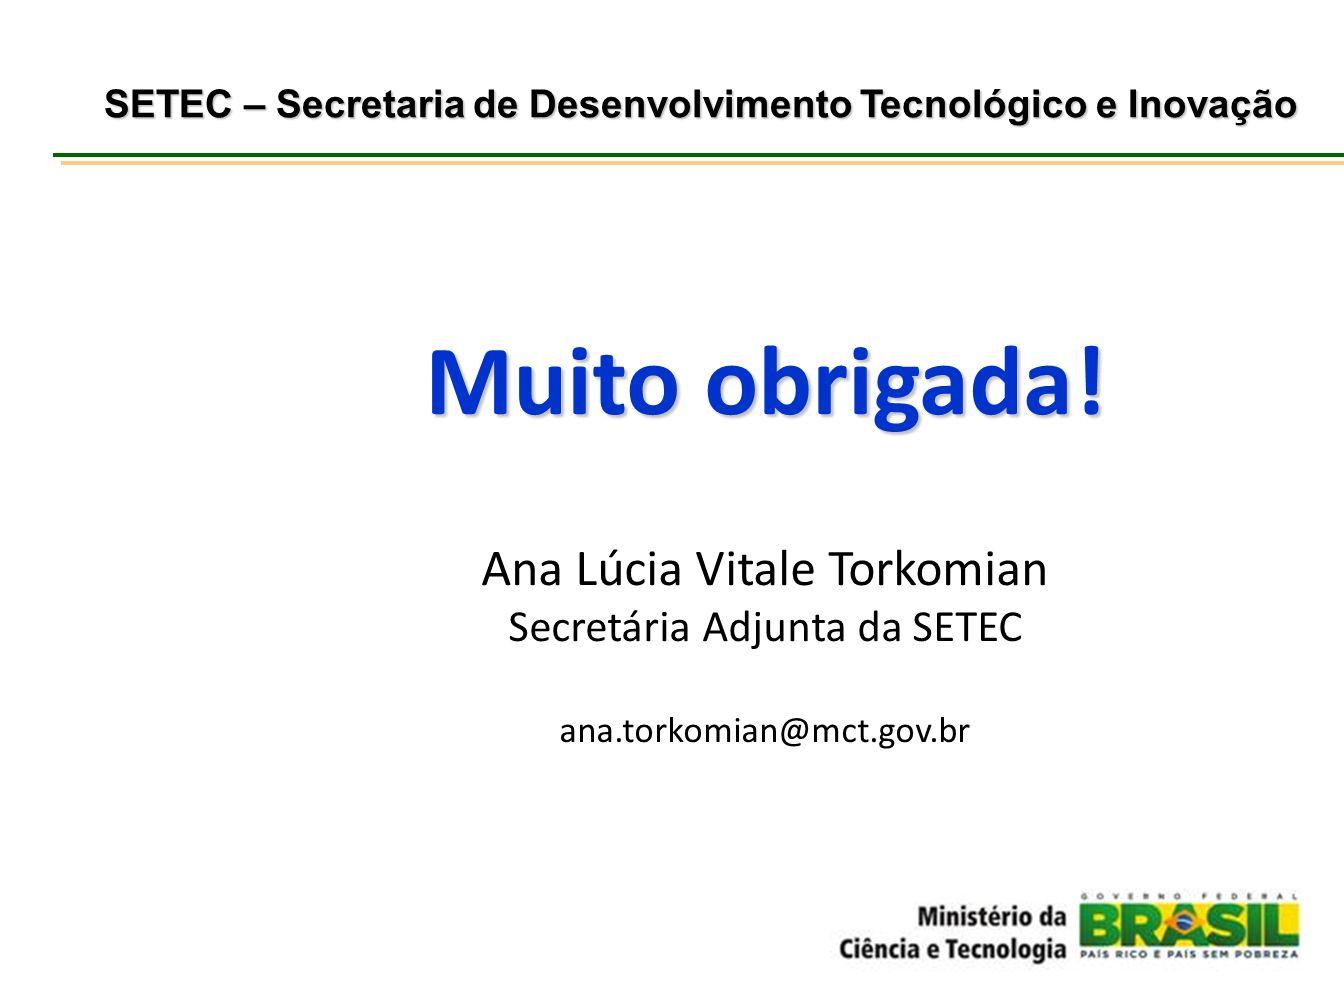 Muito obrigada! Ana Lúcia Vitale Torkomian Secretária Adjunta da SETEC ana.torkomian@mct.gov.br SETEC – Secretaria de Desenvolvimento Tecnológico e In